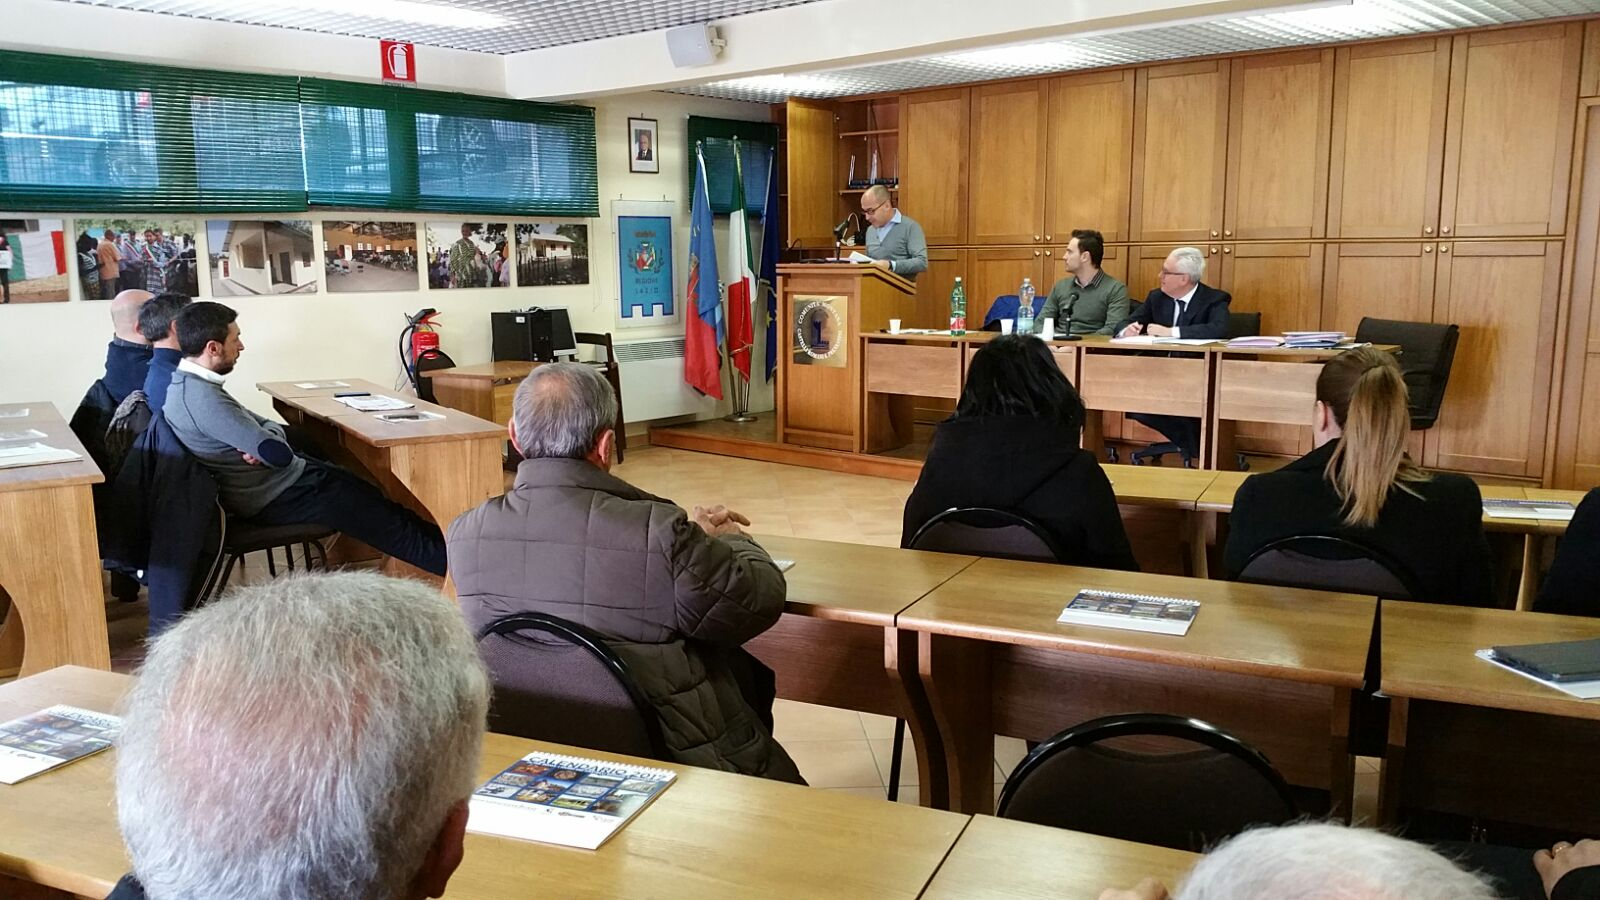 APPROVATO IL BILANCIO DELL'ENTE. PER IL 2017 ULTERIORI RISORSE A SOSTEGNO DEL TERRITORIO